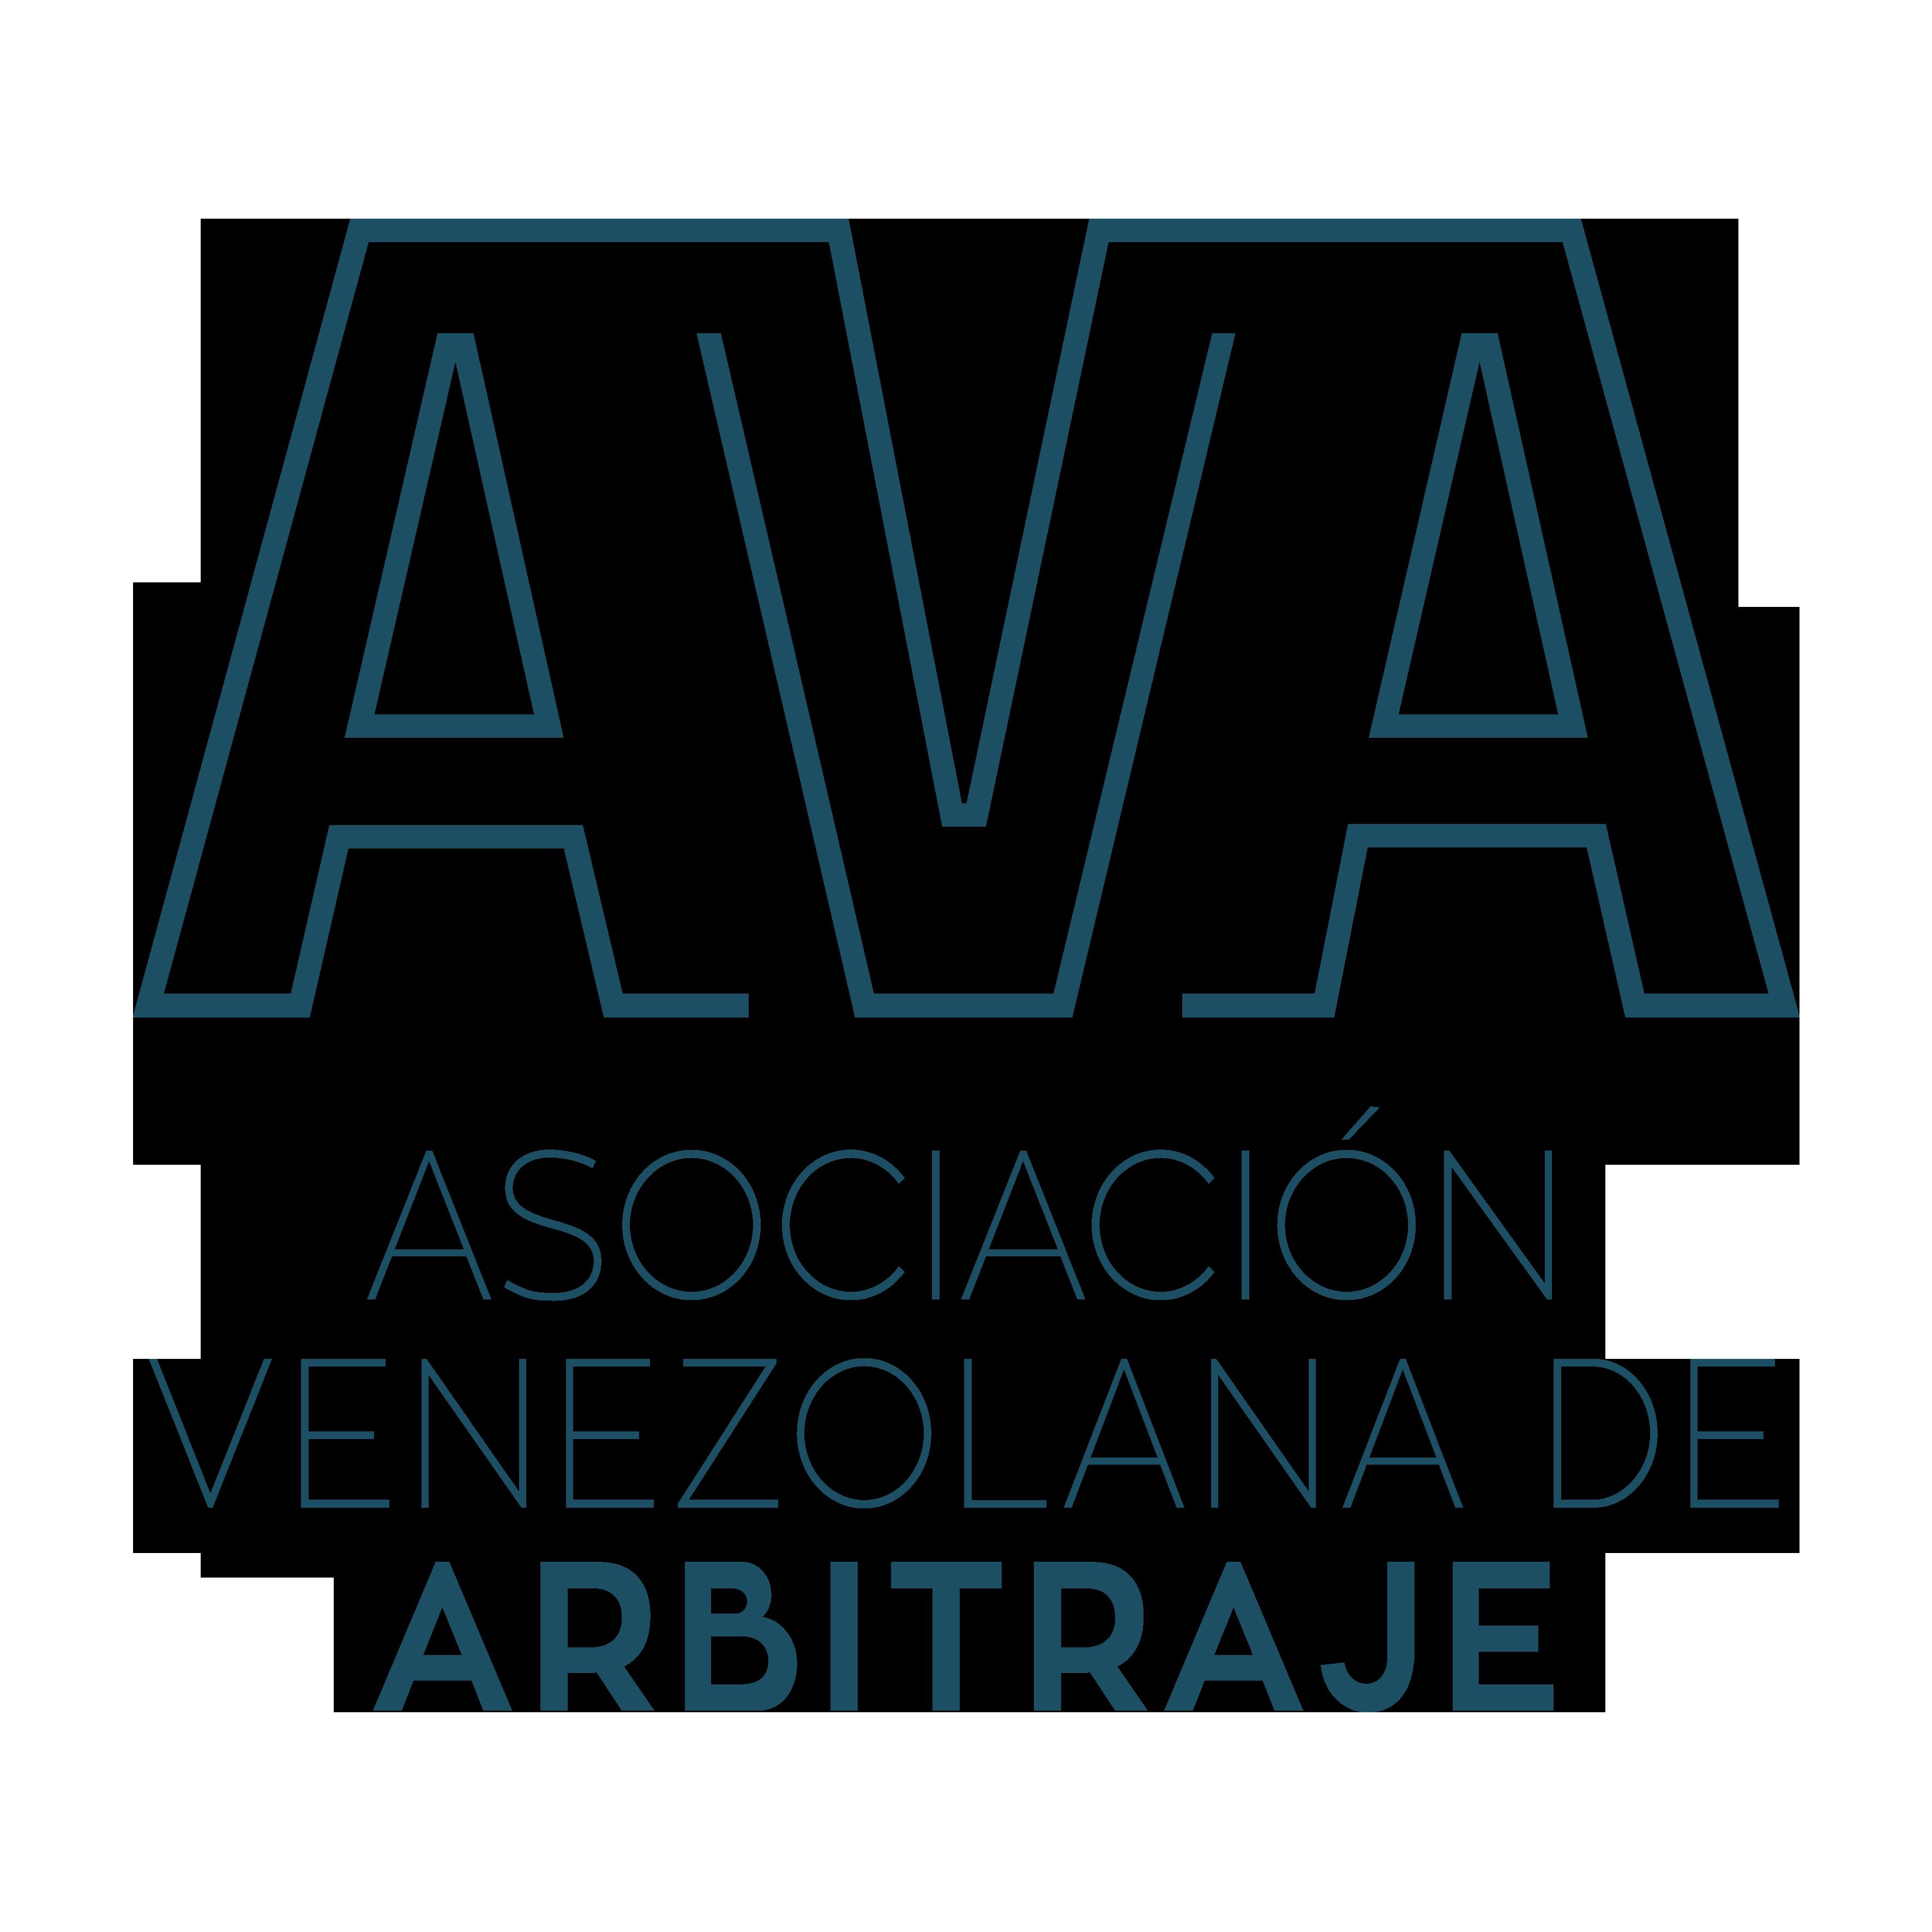 Asociación Venezolana de Arbitraje